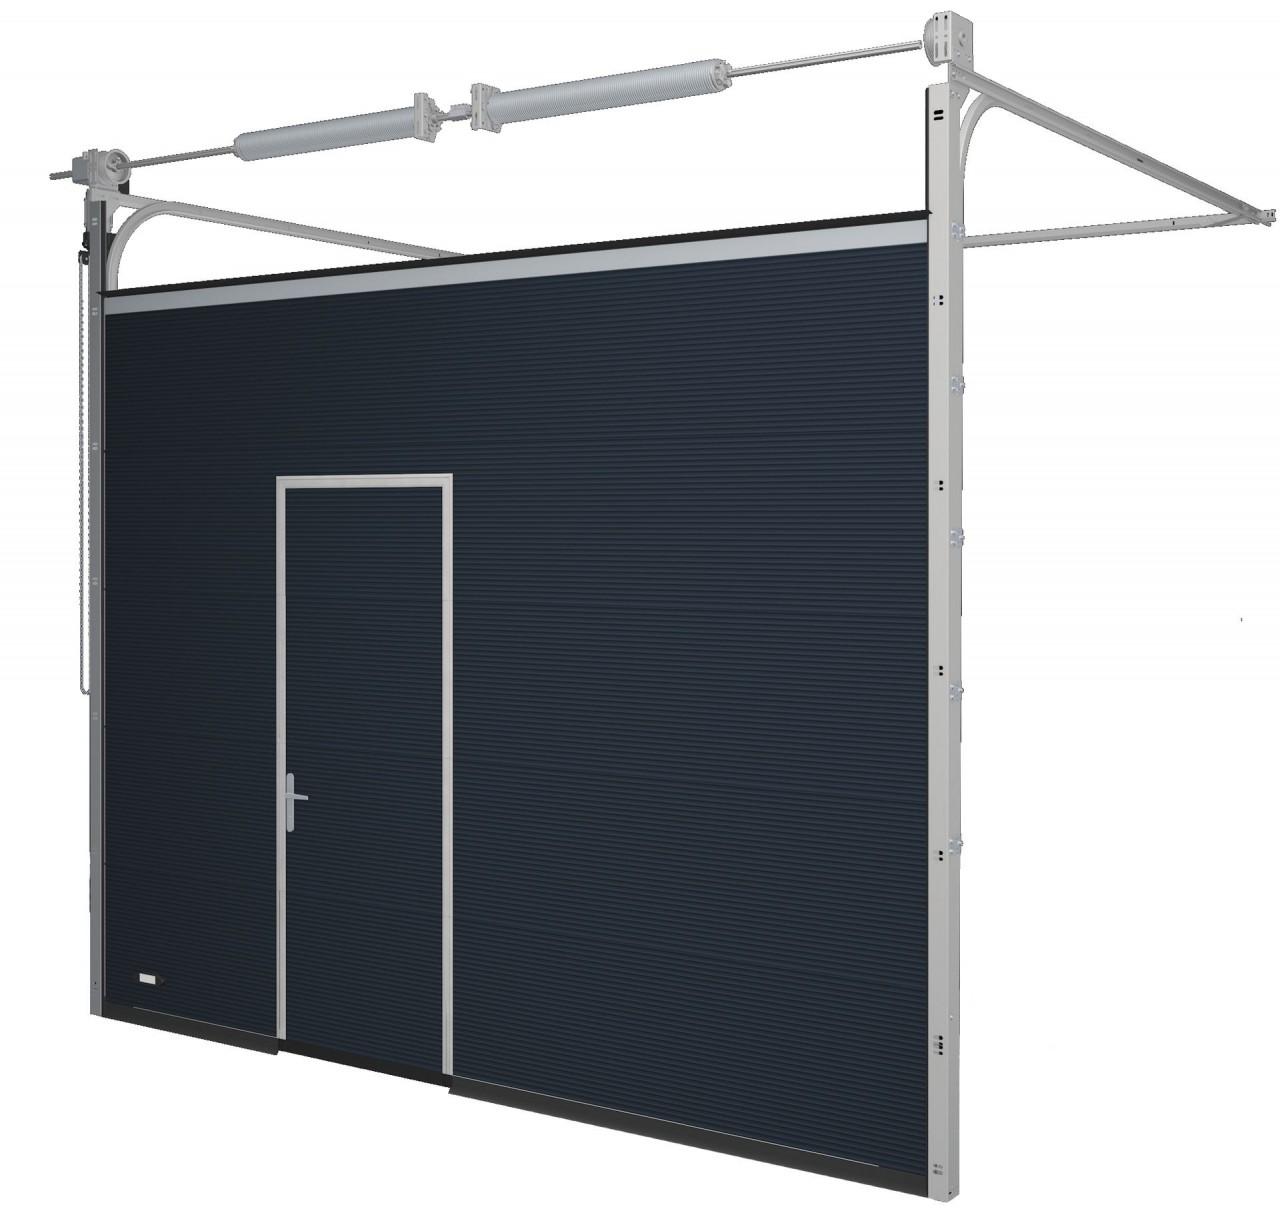 Garagentor mit integrierter tür  Schlupf- und Nebentüren Sektionaltore